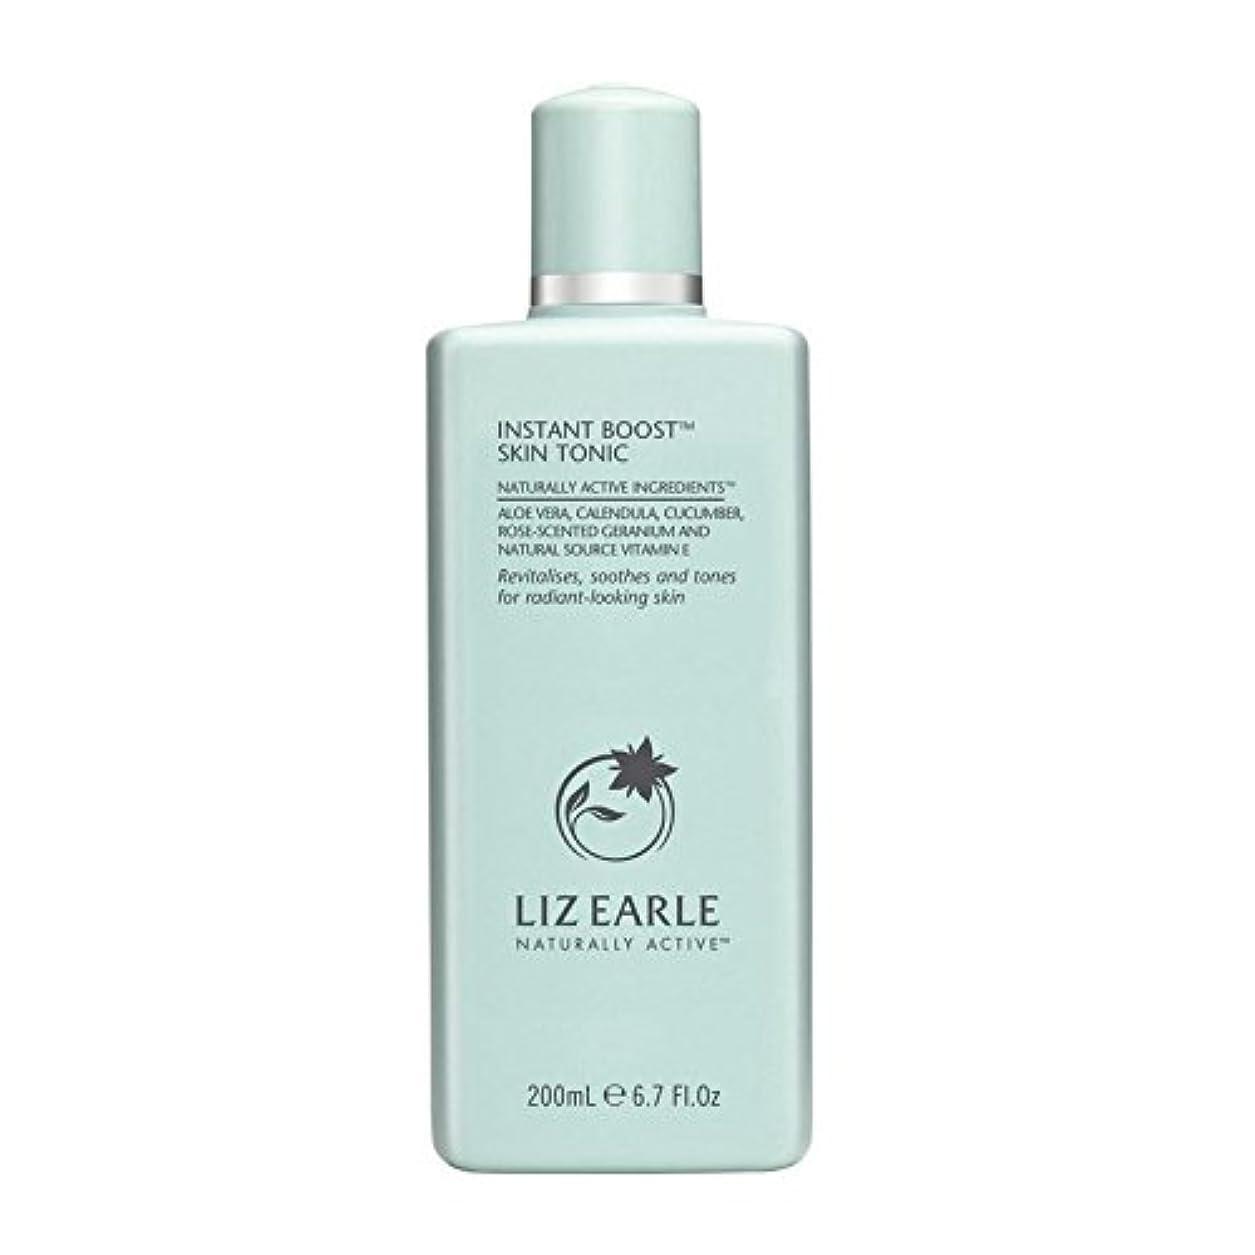 イライラする首謀者ブラウスリズアールインスタントブーストスキントニックボトル200ミリリットル x2 - Liz Earle Instant Boost Skin Tonic Bottle 200ml (Pack of 2) [並行輸入品]